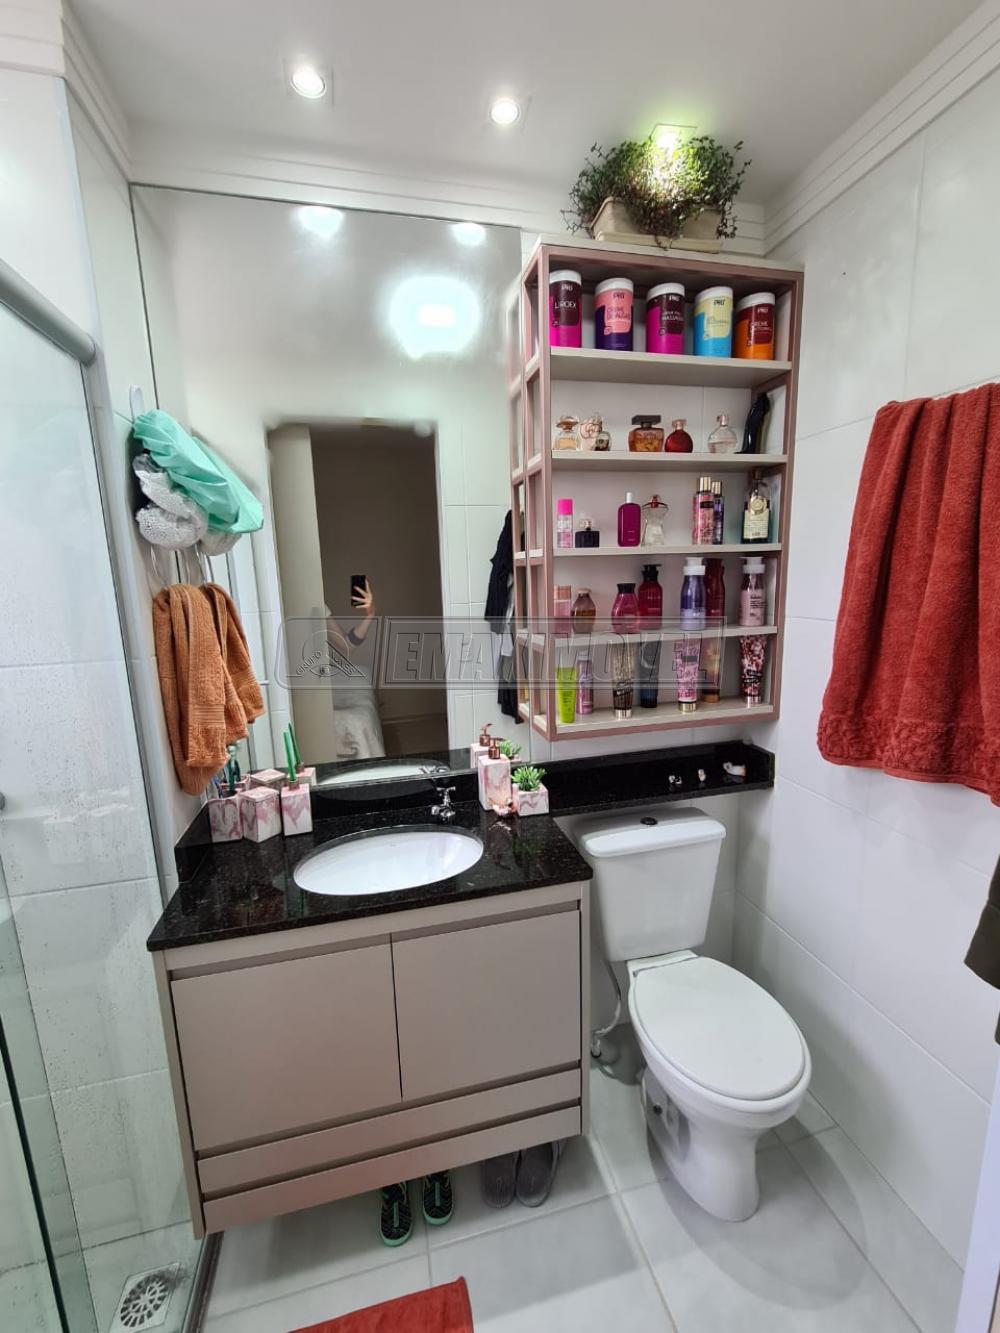 Comprar Apartamentos / Apto Padrão em Sorocaba R$ 350.000,00 - Foto 15